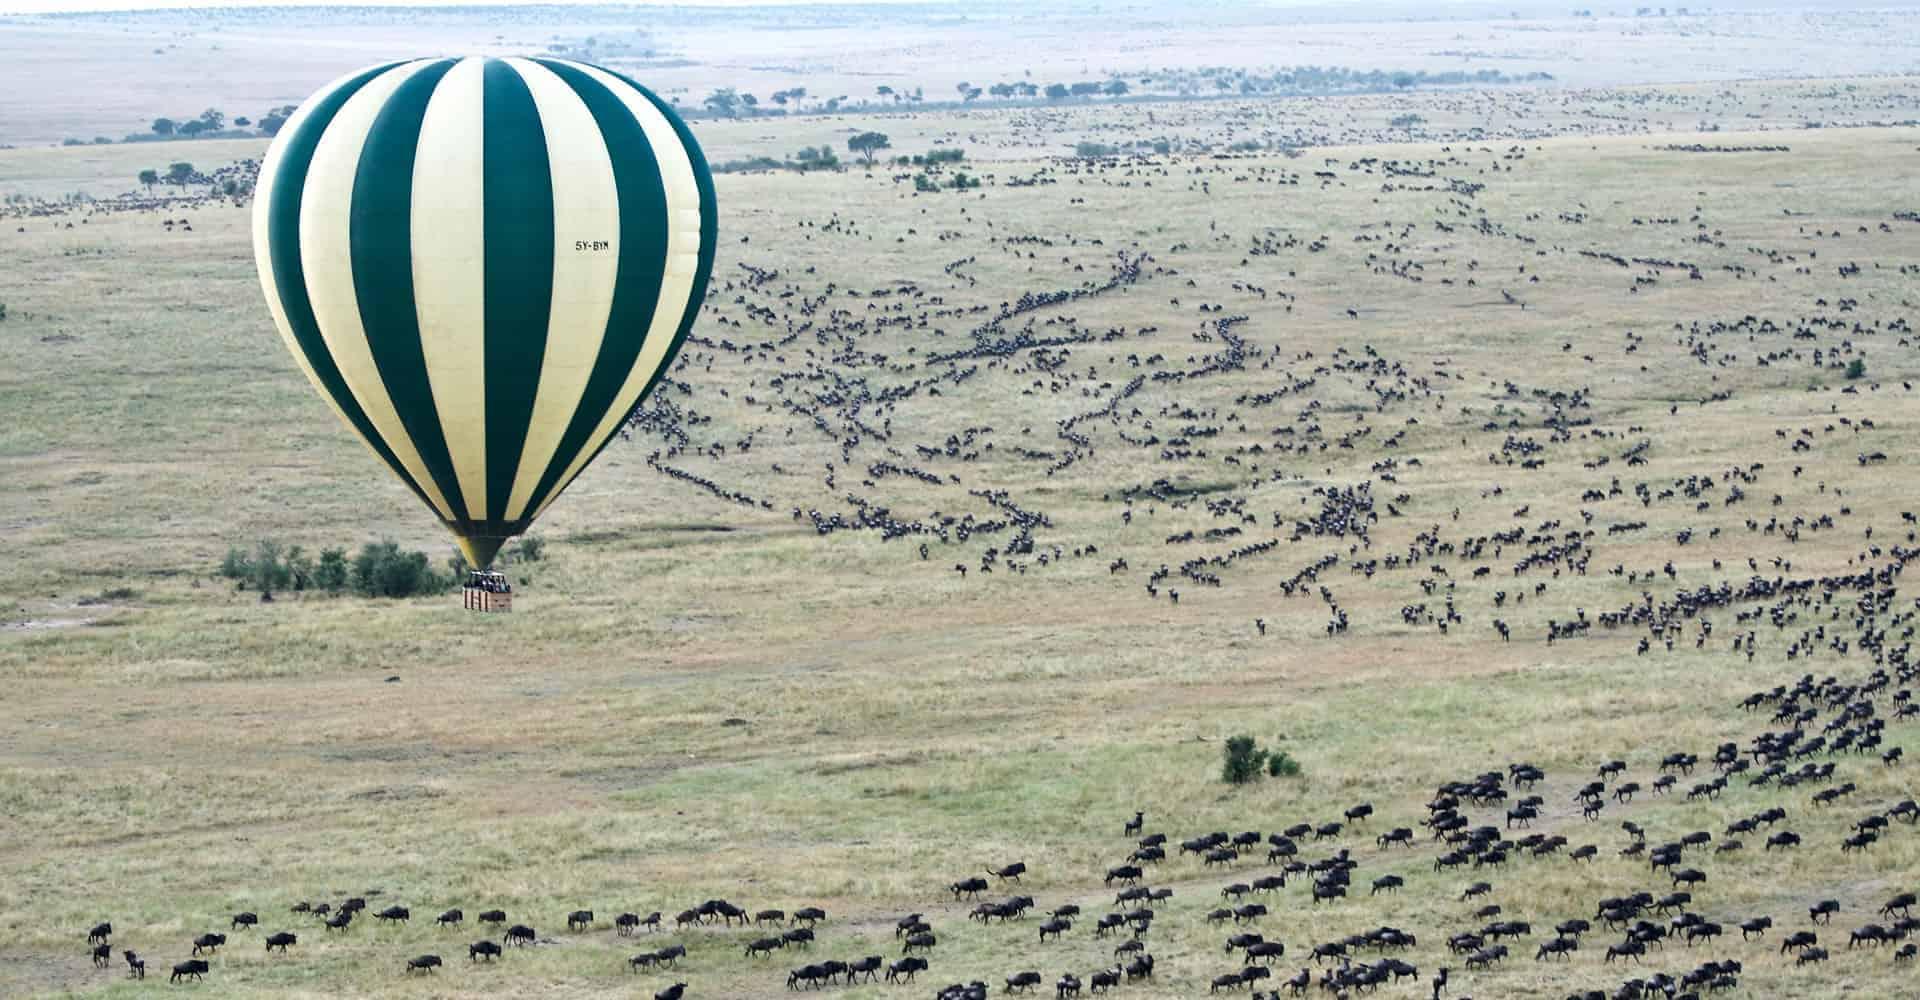 Balloon over serengeti National park on